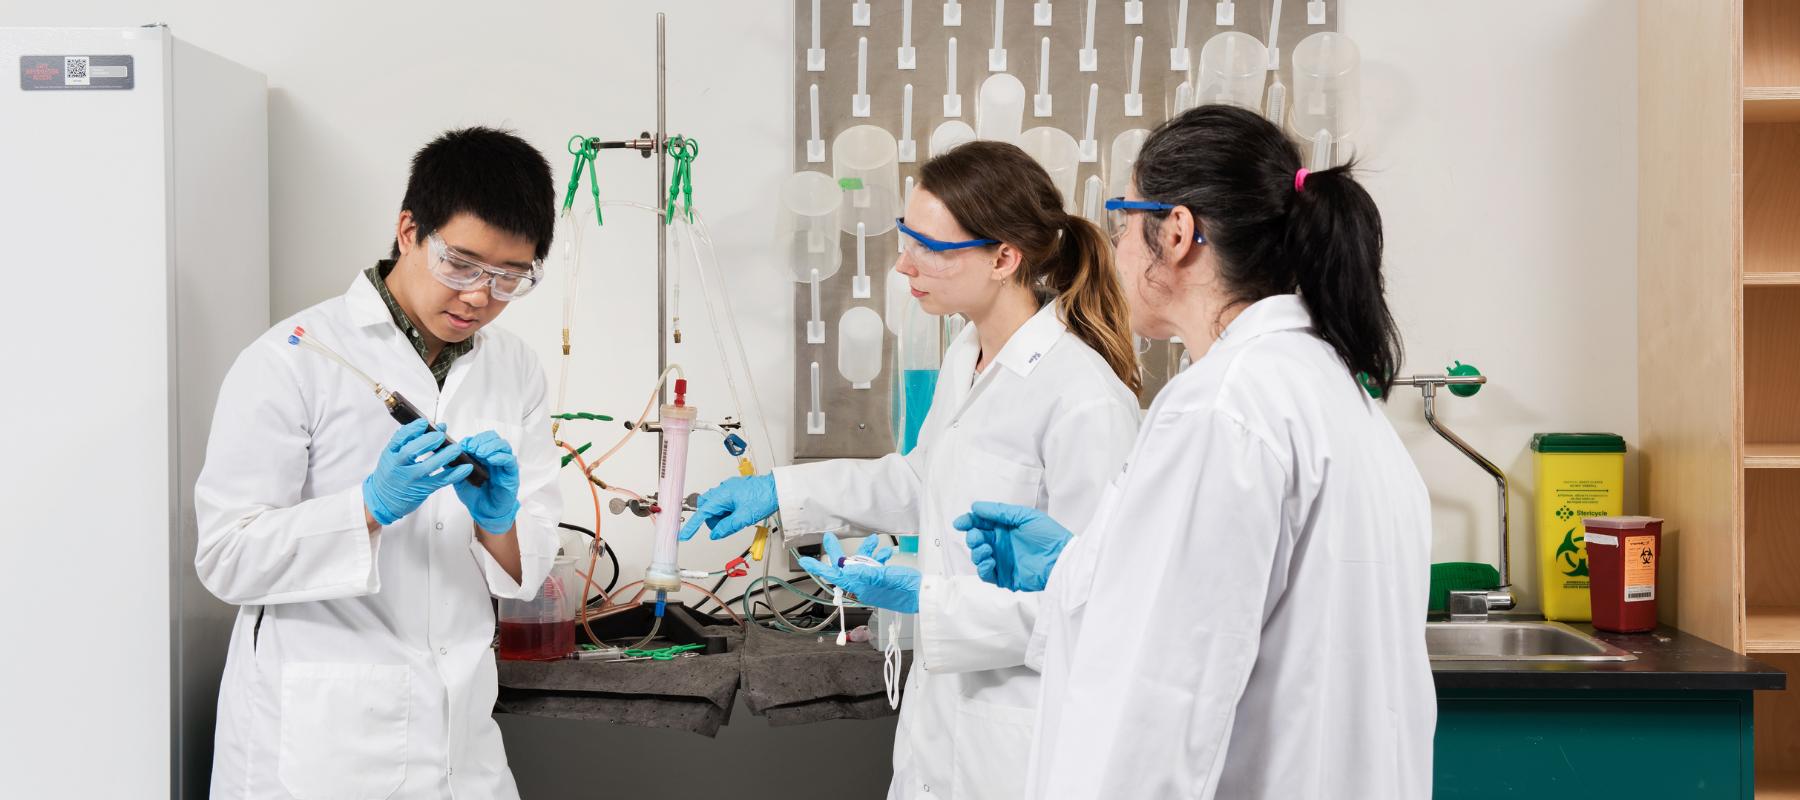 Des gens dans un laboratoire